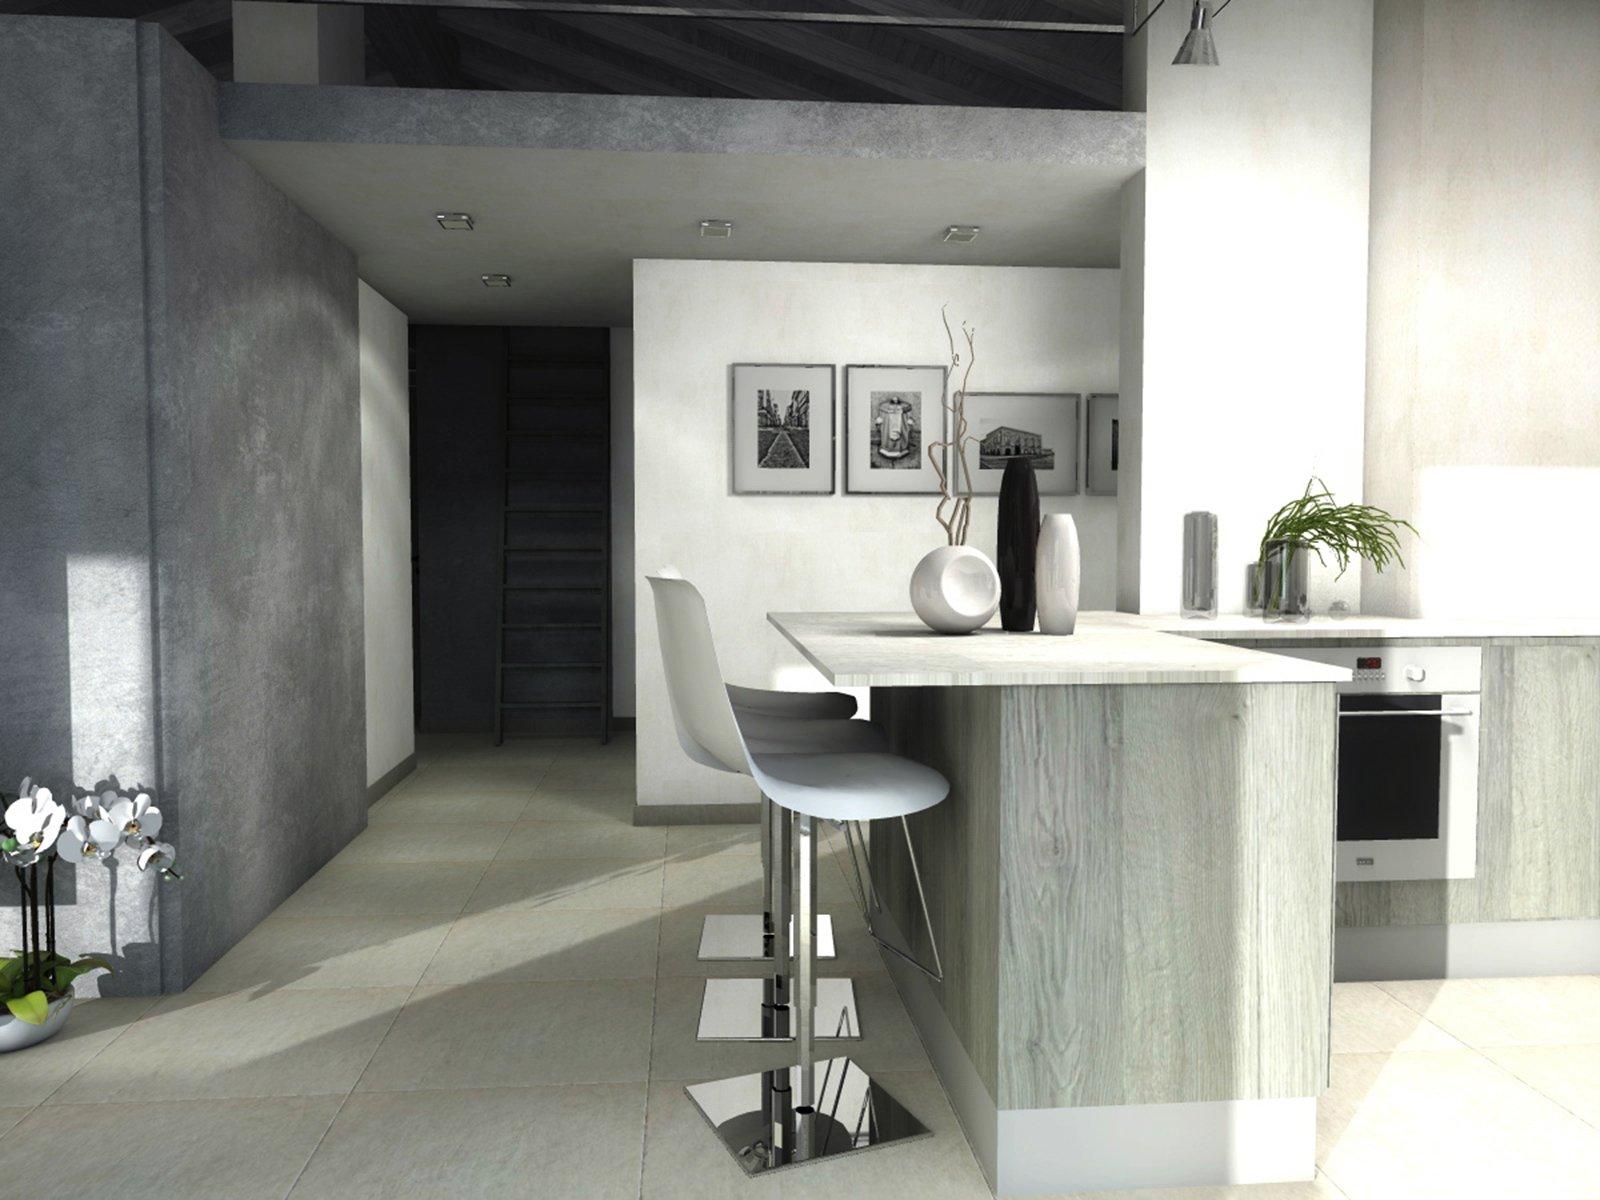 Casa Mansarda Cucina Bancone Cose Di Casa #707457 1600 1200 Foto Di Cucine In Finta Muratura